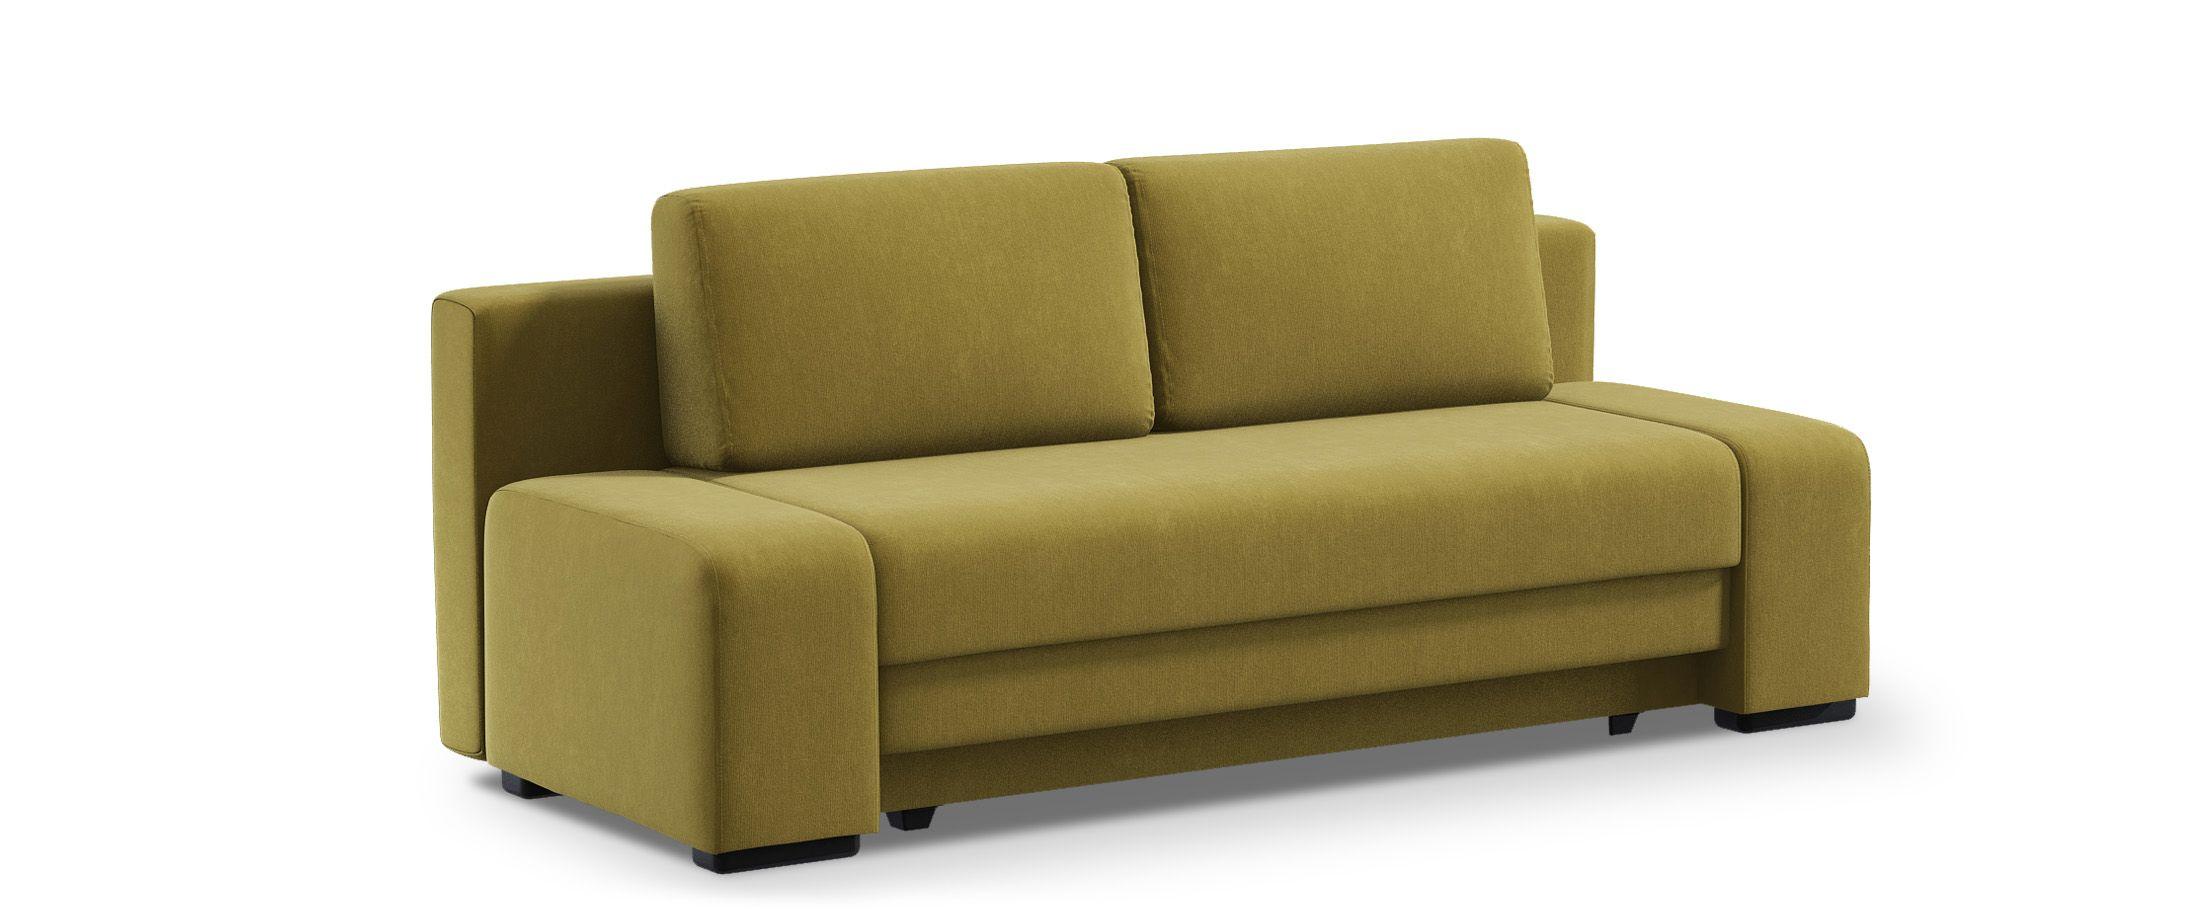 Диван прямой еврокнижка Токио 009Гостевой вариант и полноценное спальное место. Размеры 205х93х89 см. Купить желтый диван еврокнижка в интернет-магазине MOON-TRADE.RU.<br>